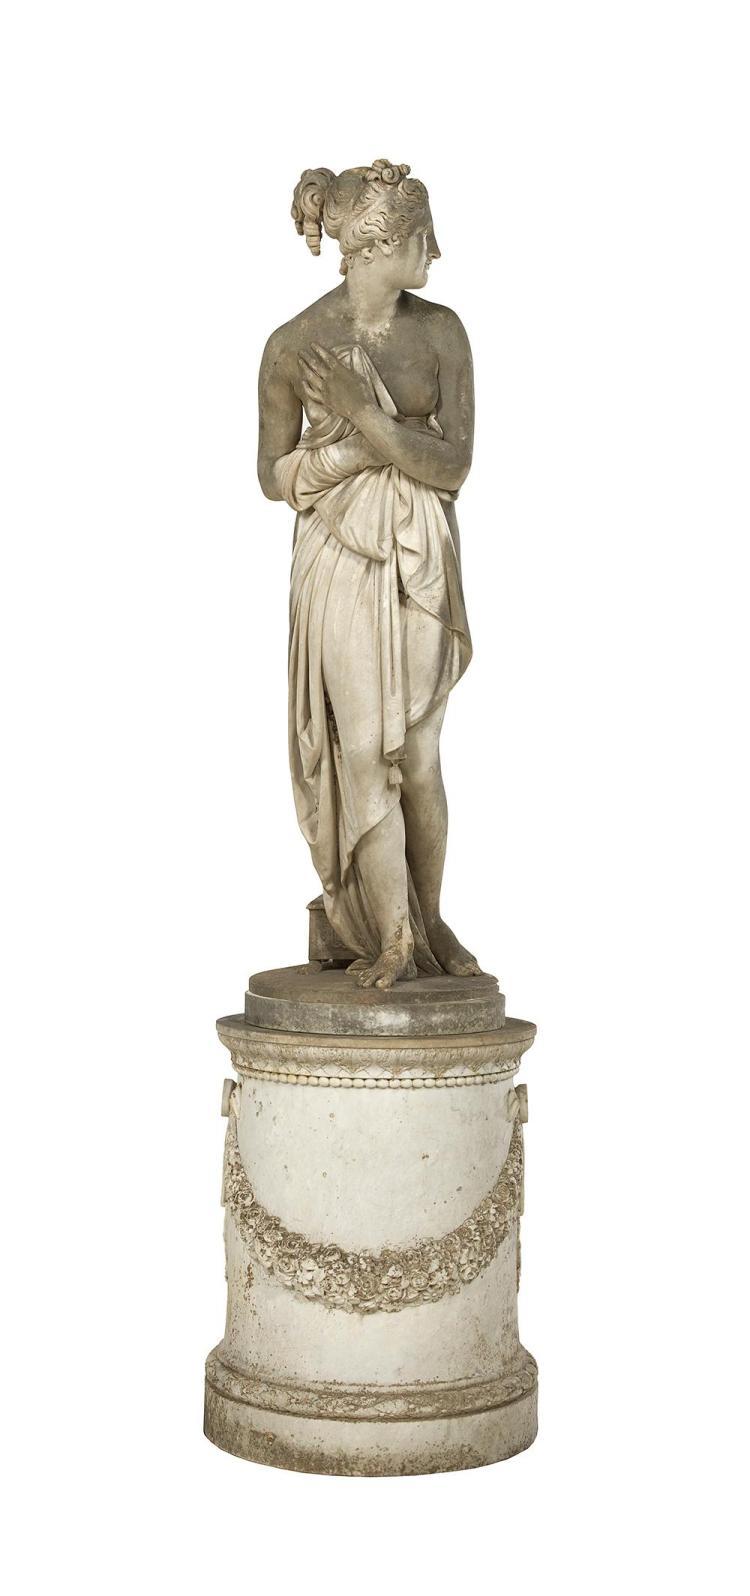 Carrara Marble Statue of Venus Italica